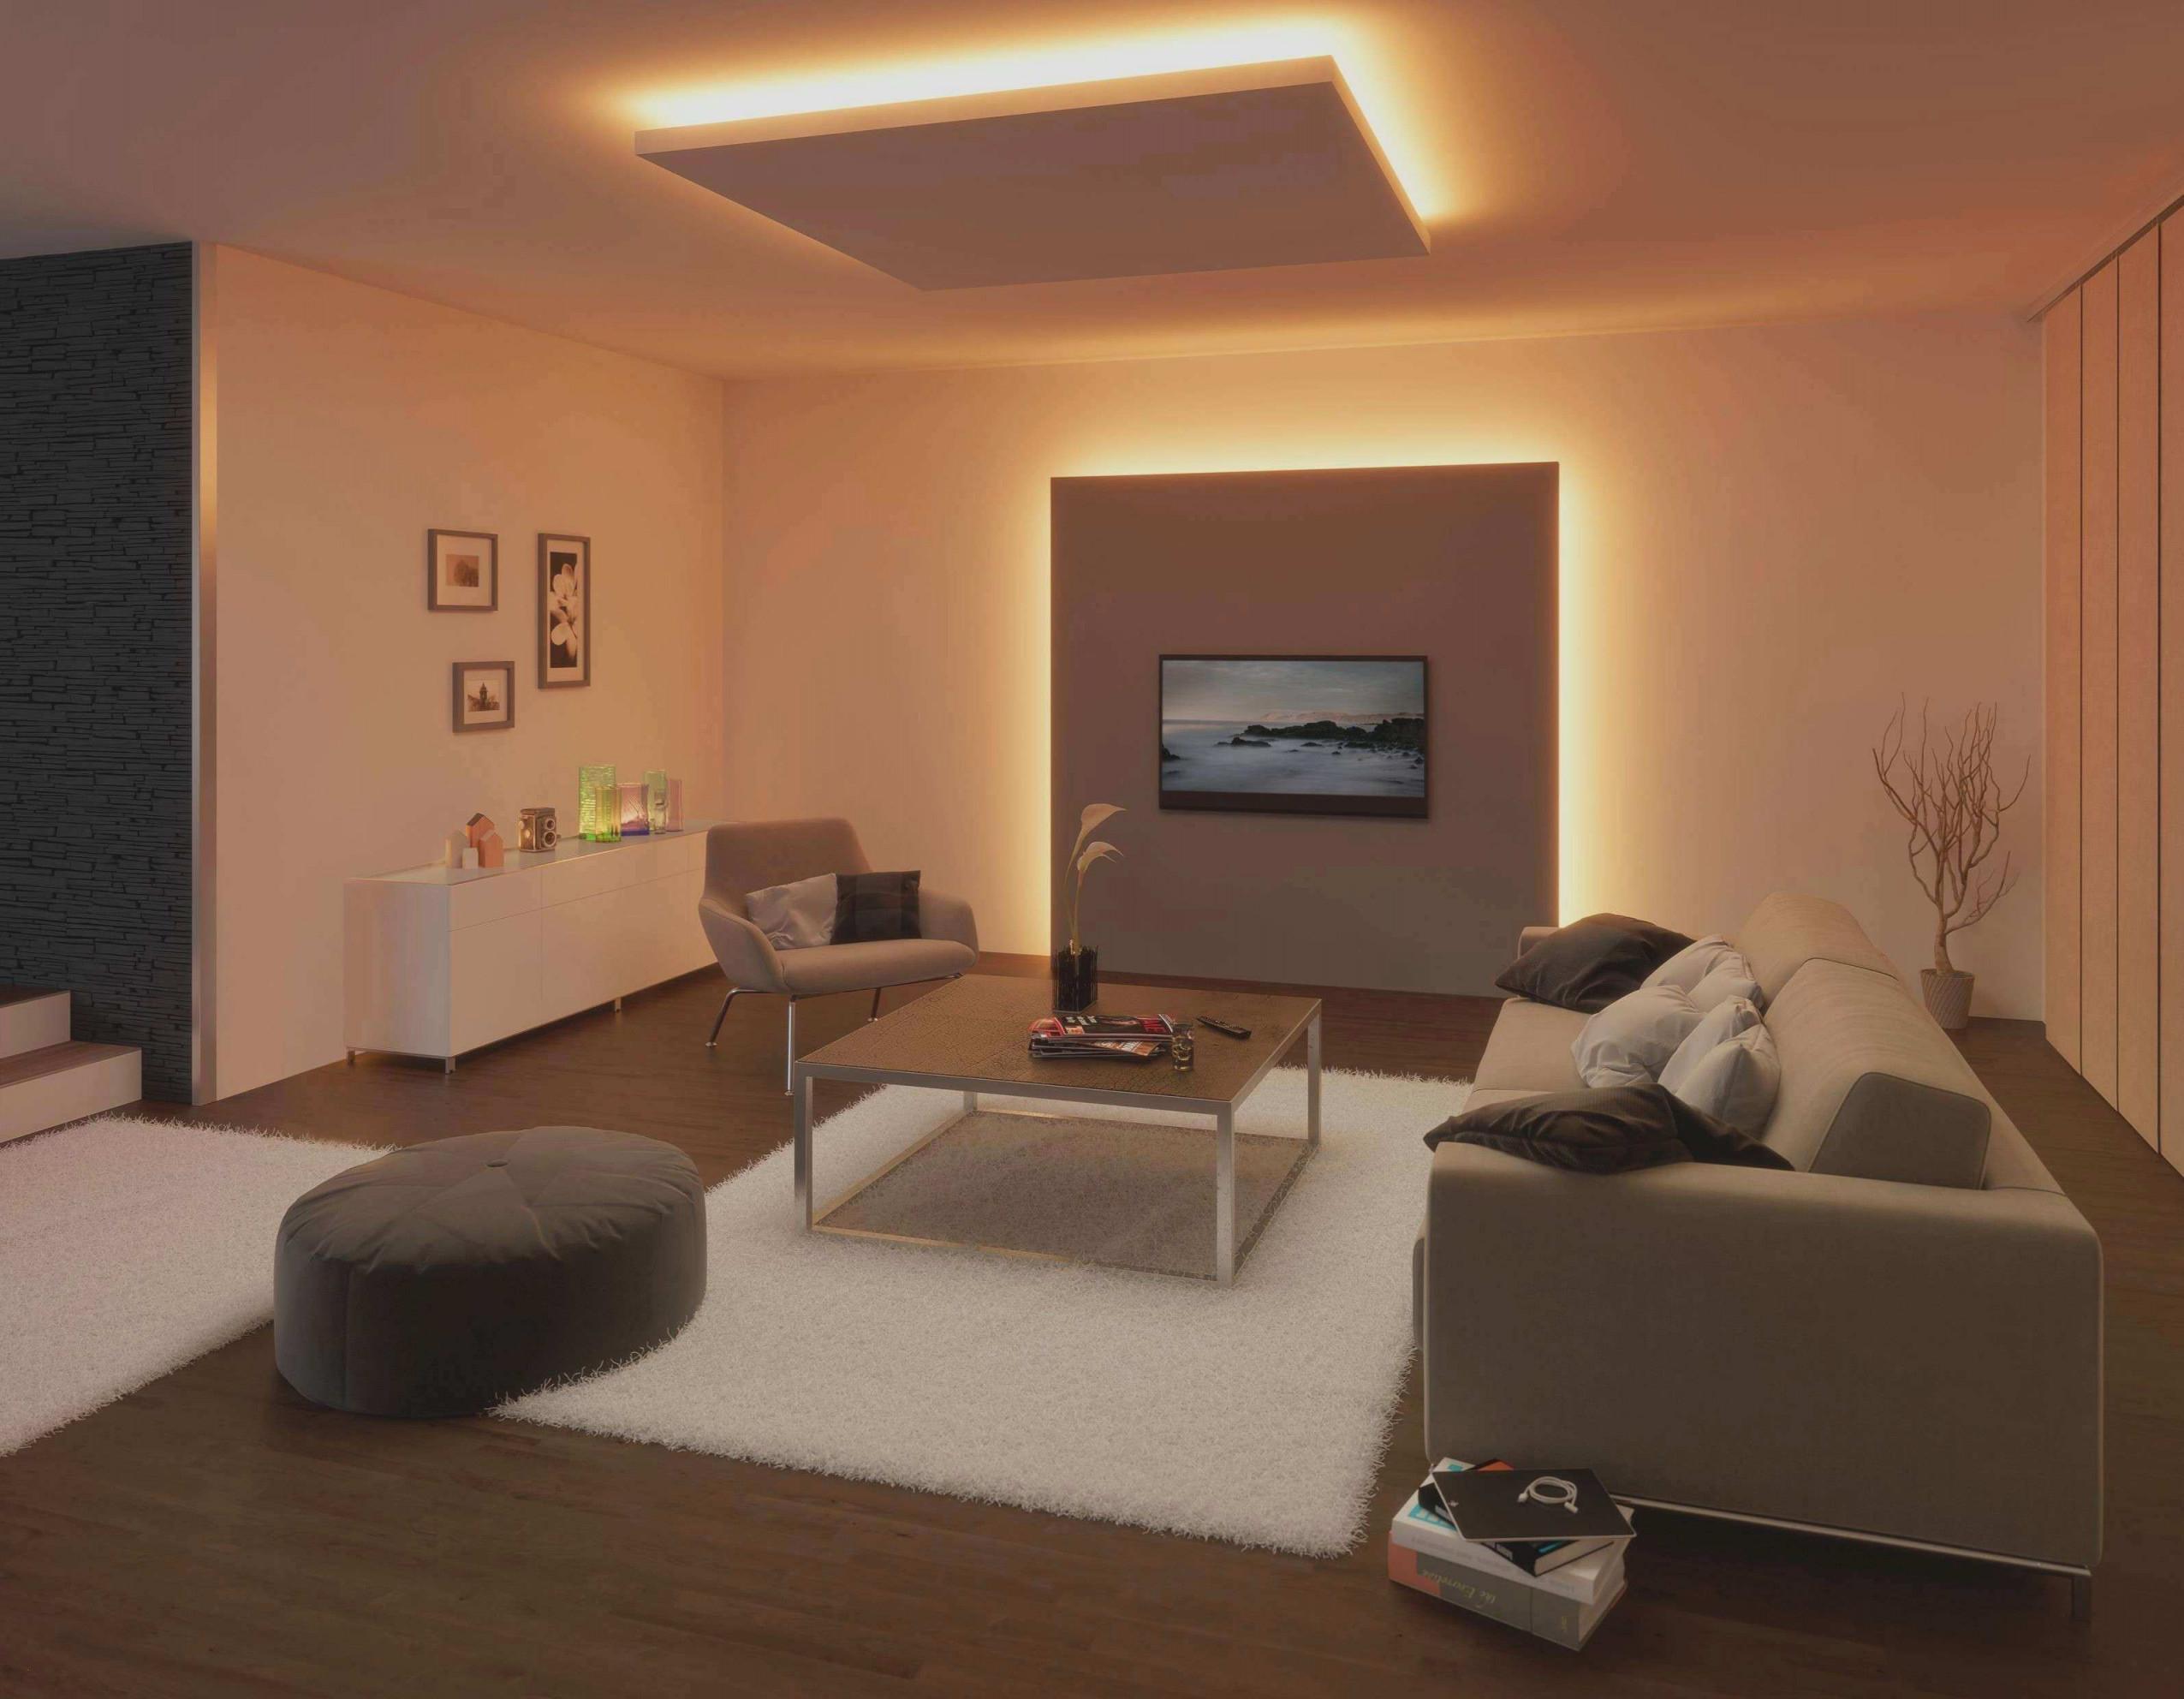 Wandverkleidung Wohnzimmer Modern Elegant Wandverkleidung von Moderne Wandverkleidung Wohnzimmer Bild